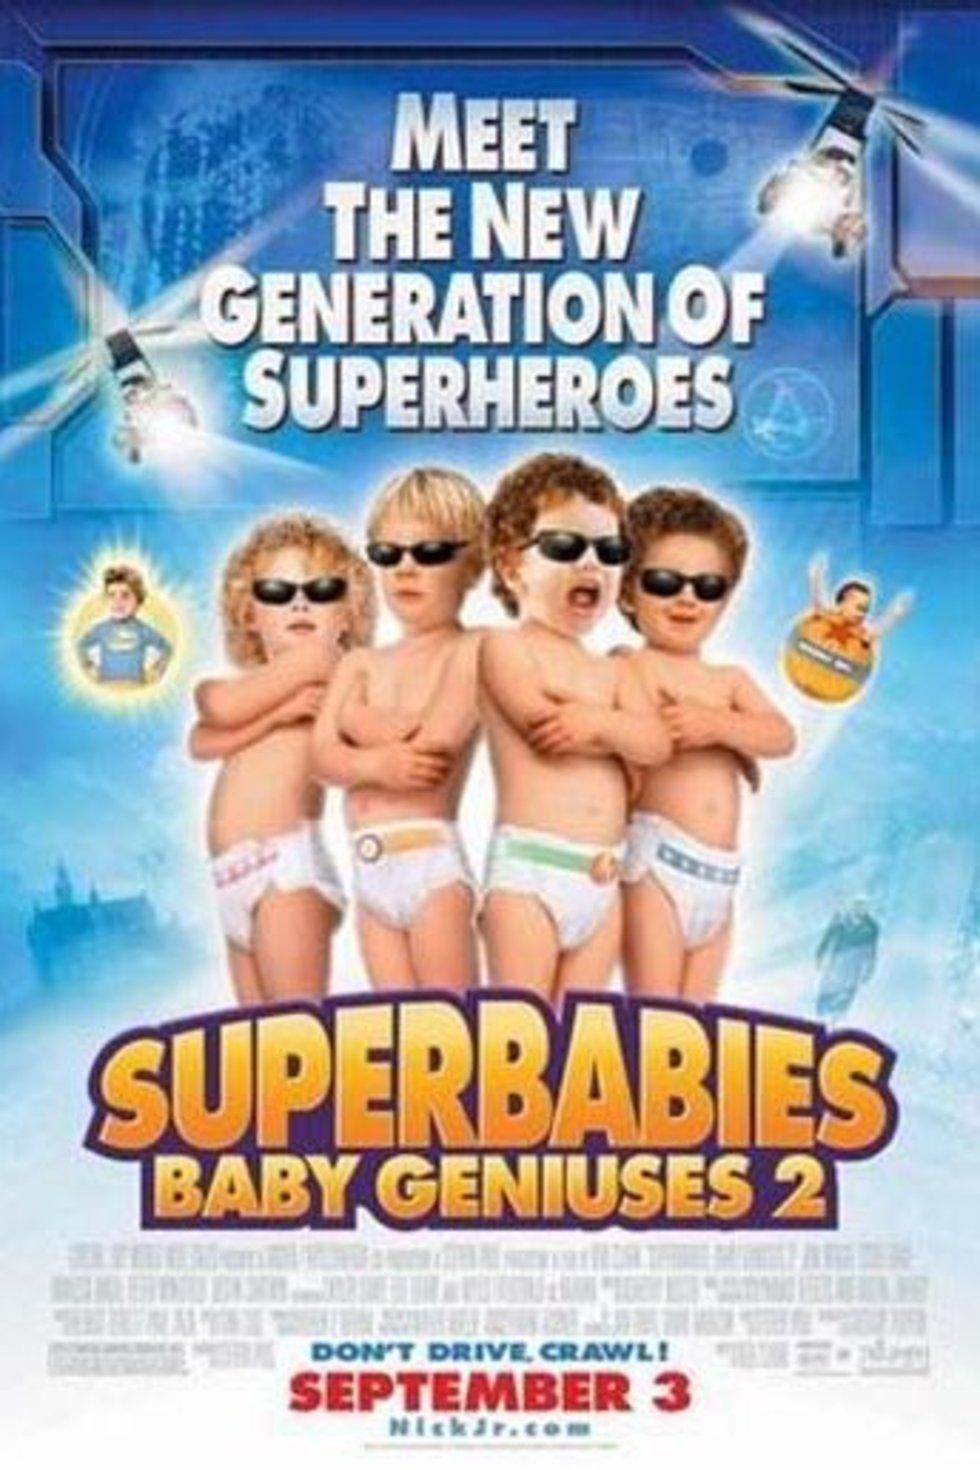 superbabies-baby-geniuses-2